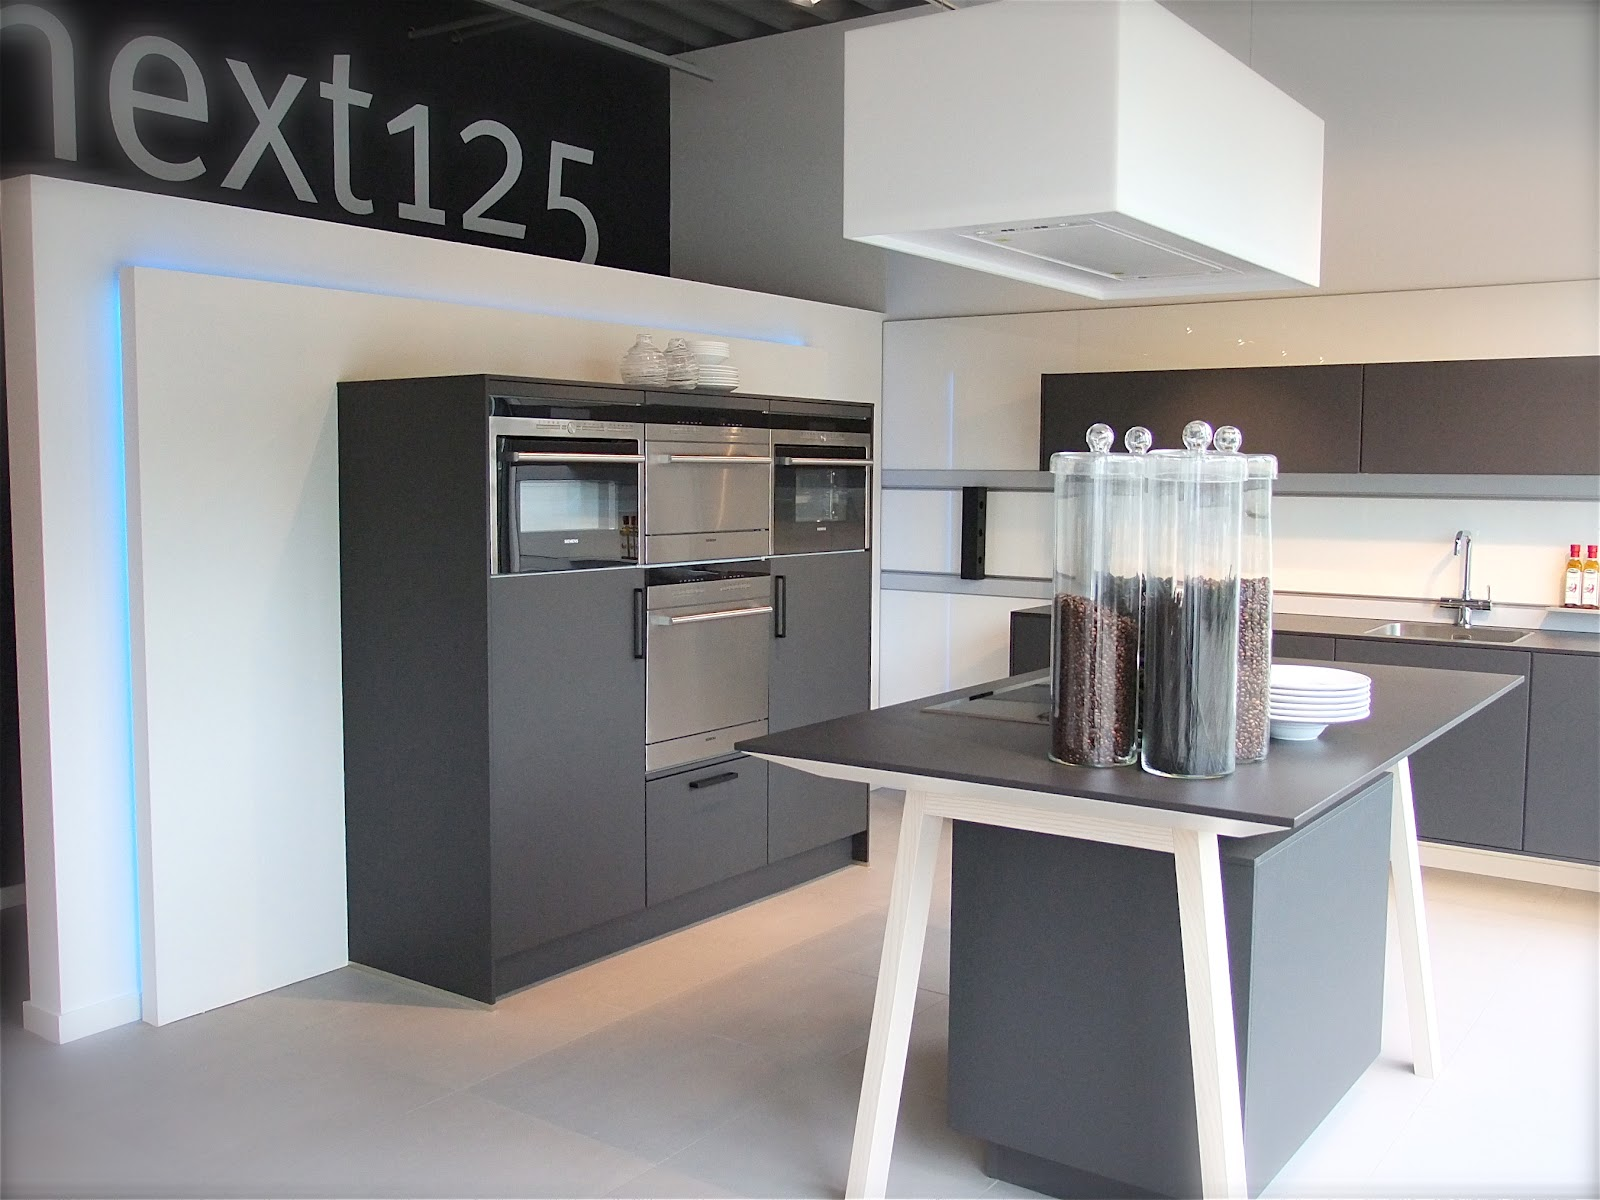 Voortman Keukens Bunnik : Voortman keukens keukenvision bunnik beeldverslag